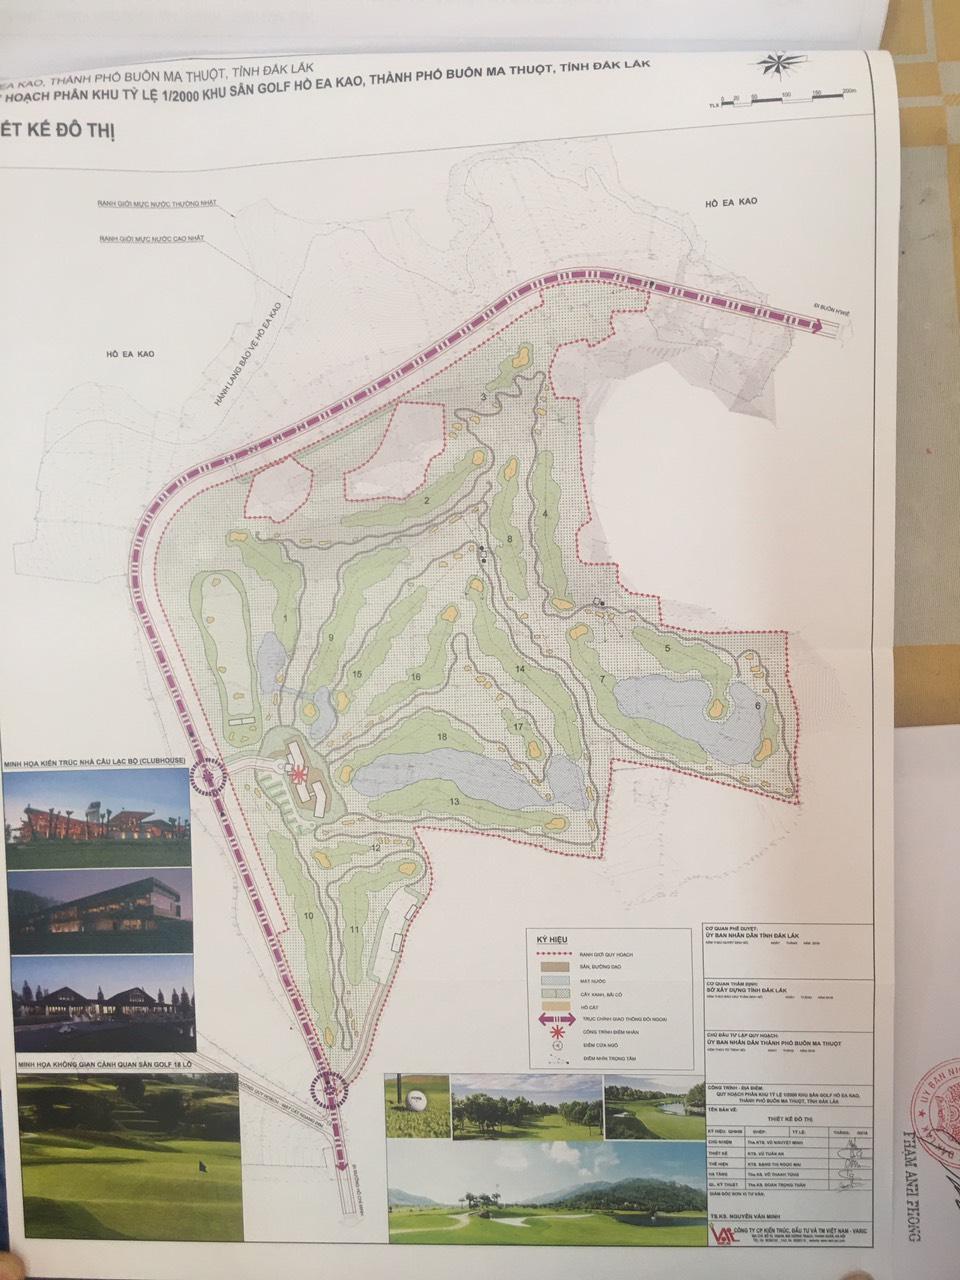 Công bố quy hoạch phân khu tỷ lệ 1/2000 khu sân golf và khu biệt thự hồ Ea Kao (TP. Buôn Ma Thuột)